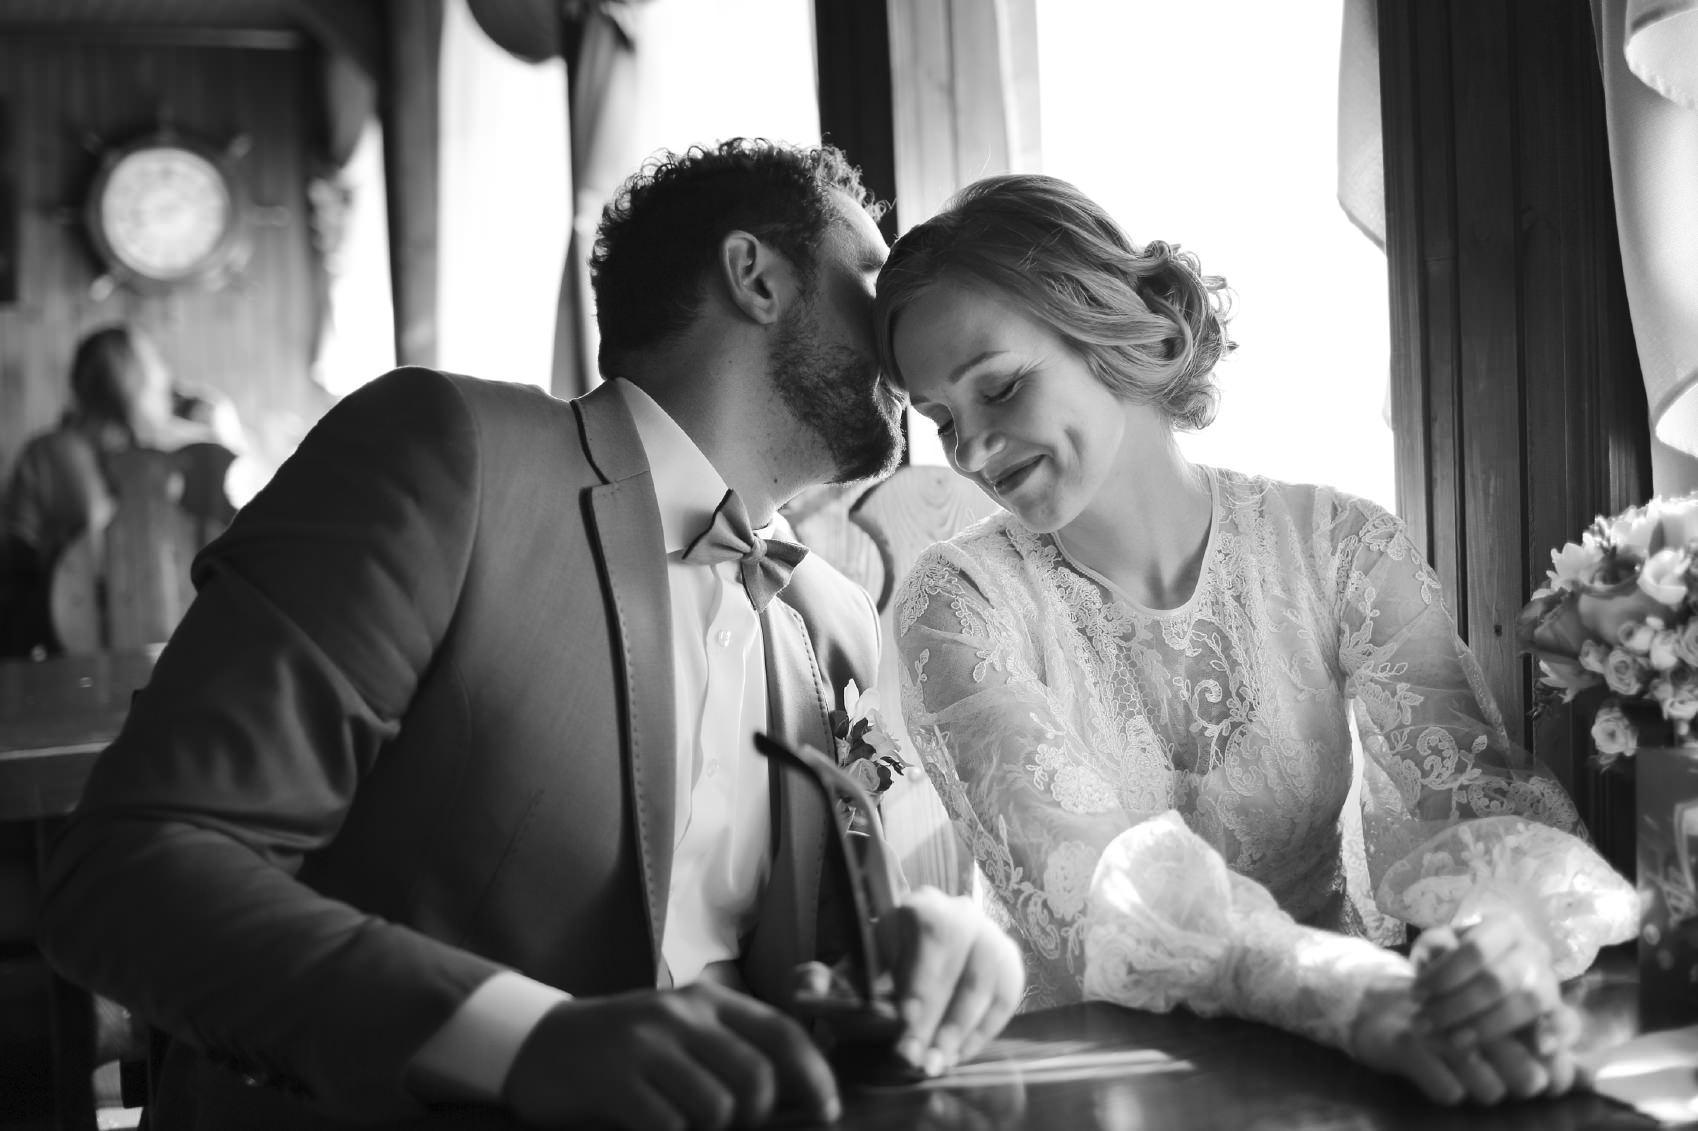 Fotografia matrimonio - 4 modi per raccontare meglio le storie con le tue foto